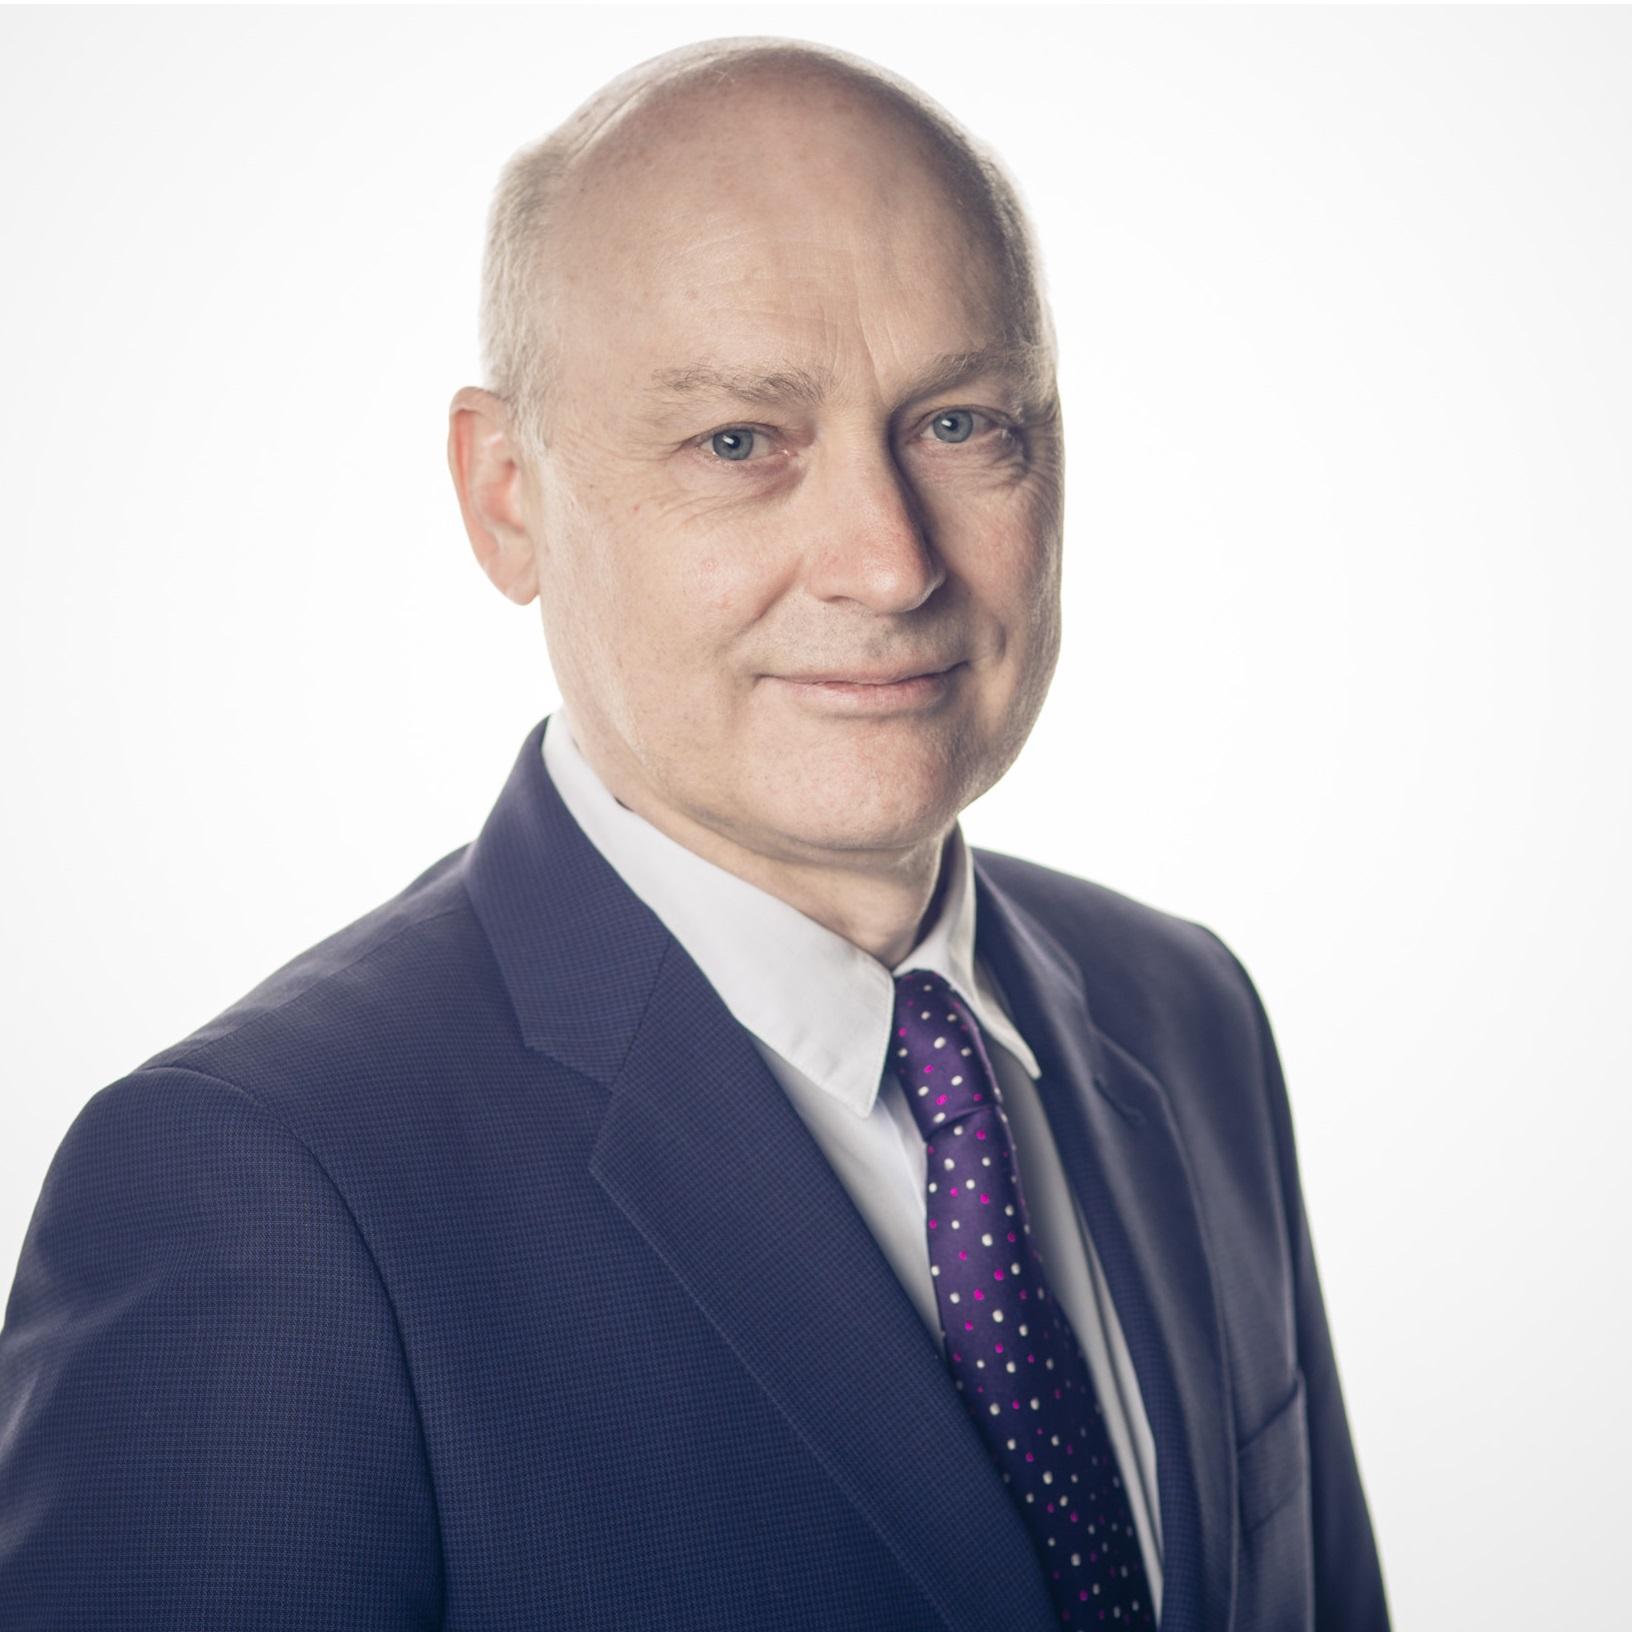 Dr. Andrew Hogg